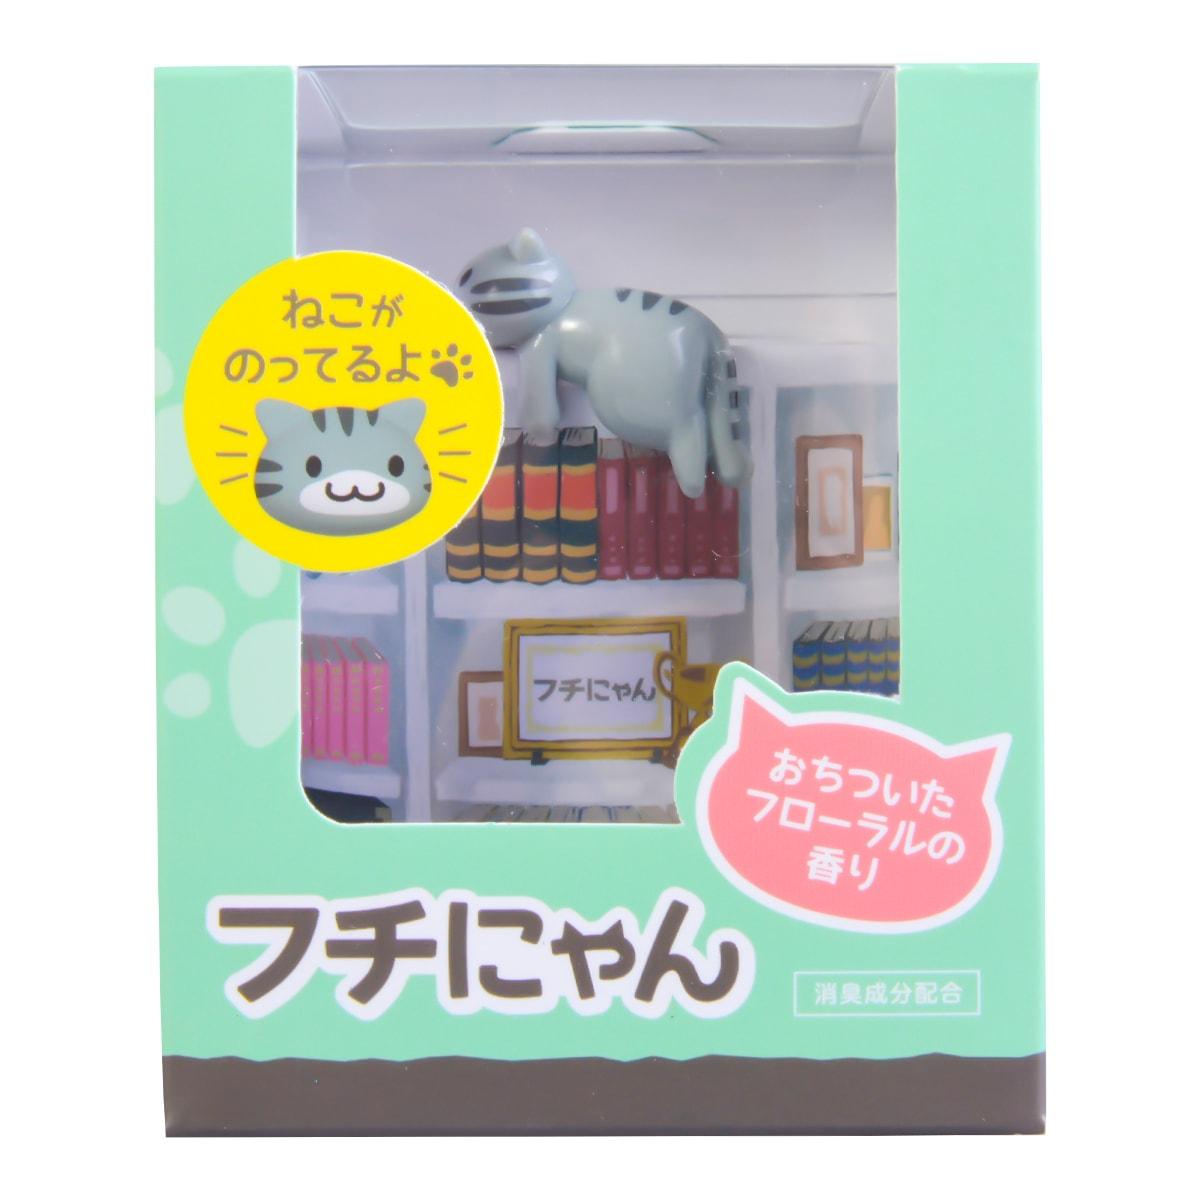 日本CARMATE快美特 療癒小貓汽车果冻芳香除臭剂 白花香味 80g